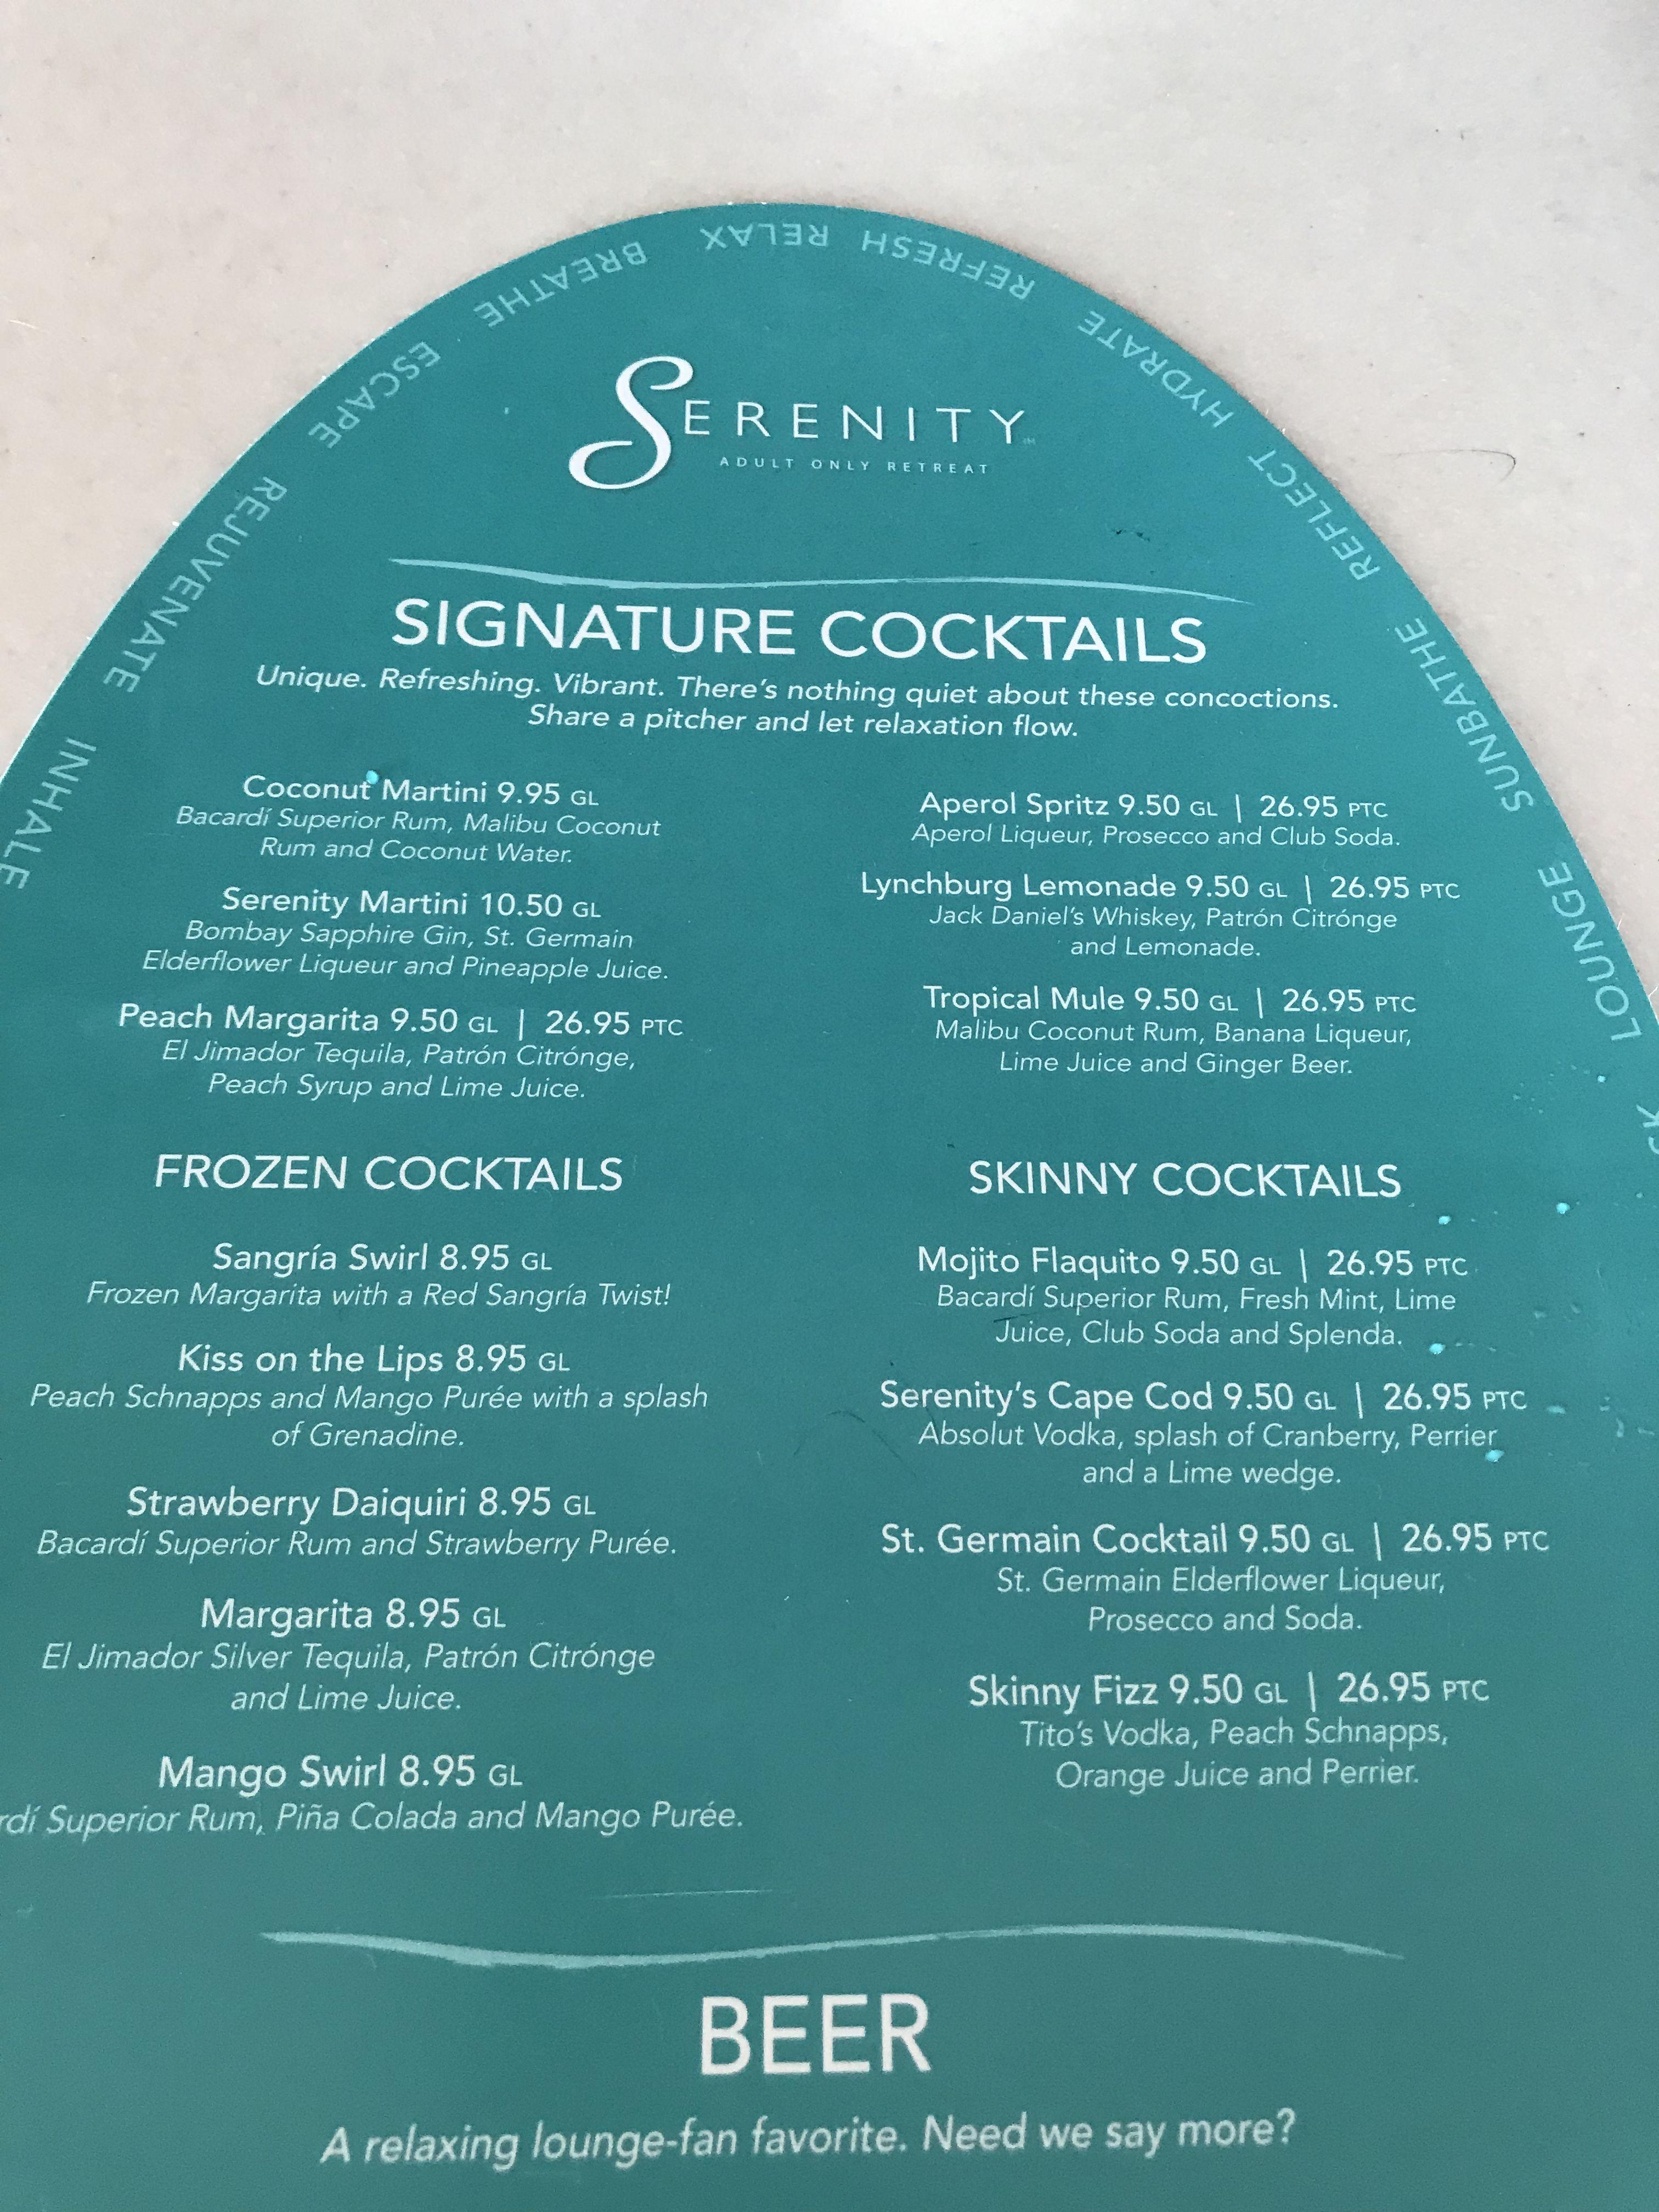 2019 Carnival Glory Serenity Bar Menu - Cocktails   Aperol ...